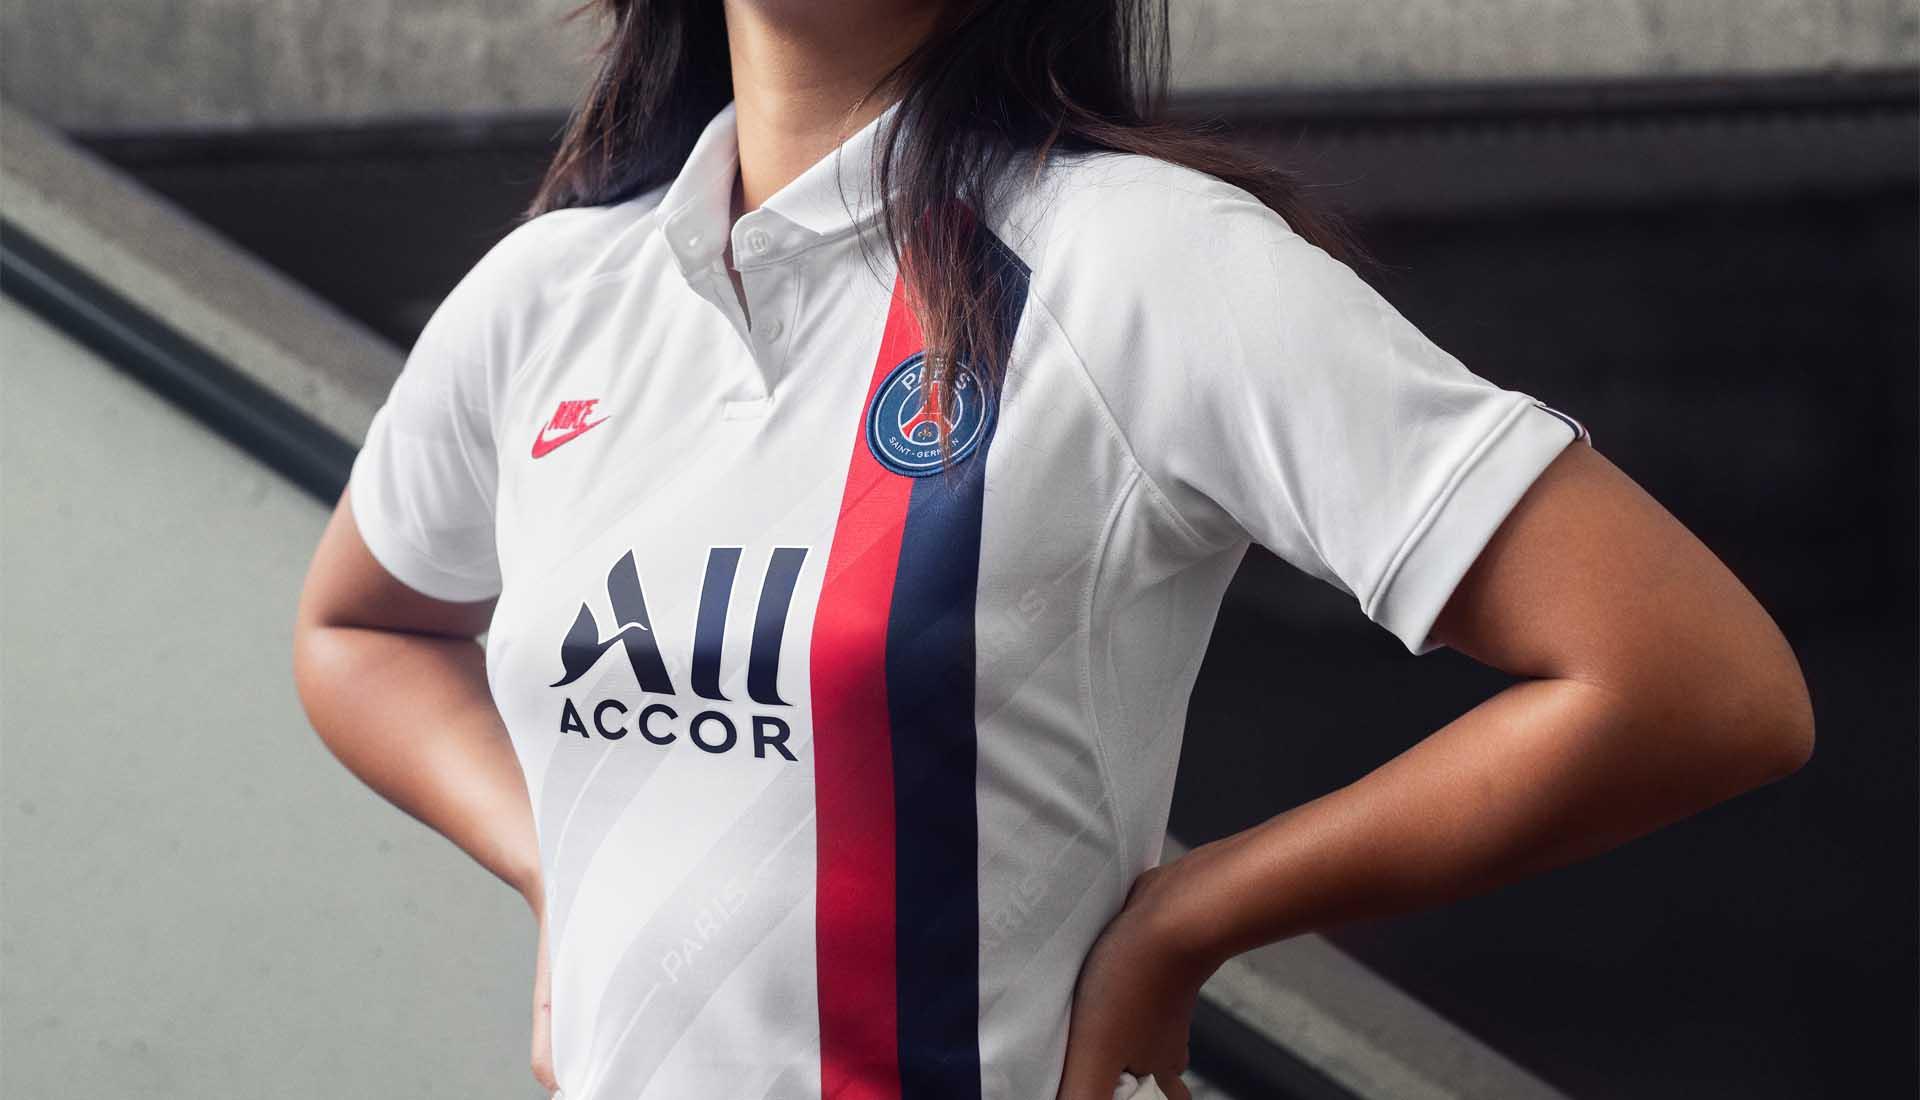 Mẫu áo thứ 3 của tuyển PSG mùa giải 2019/20